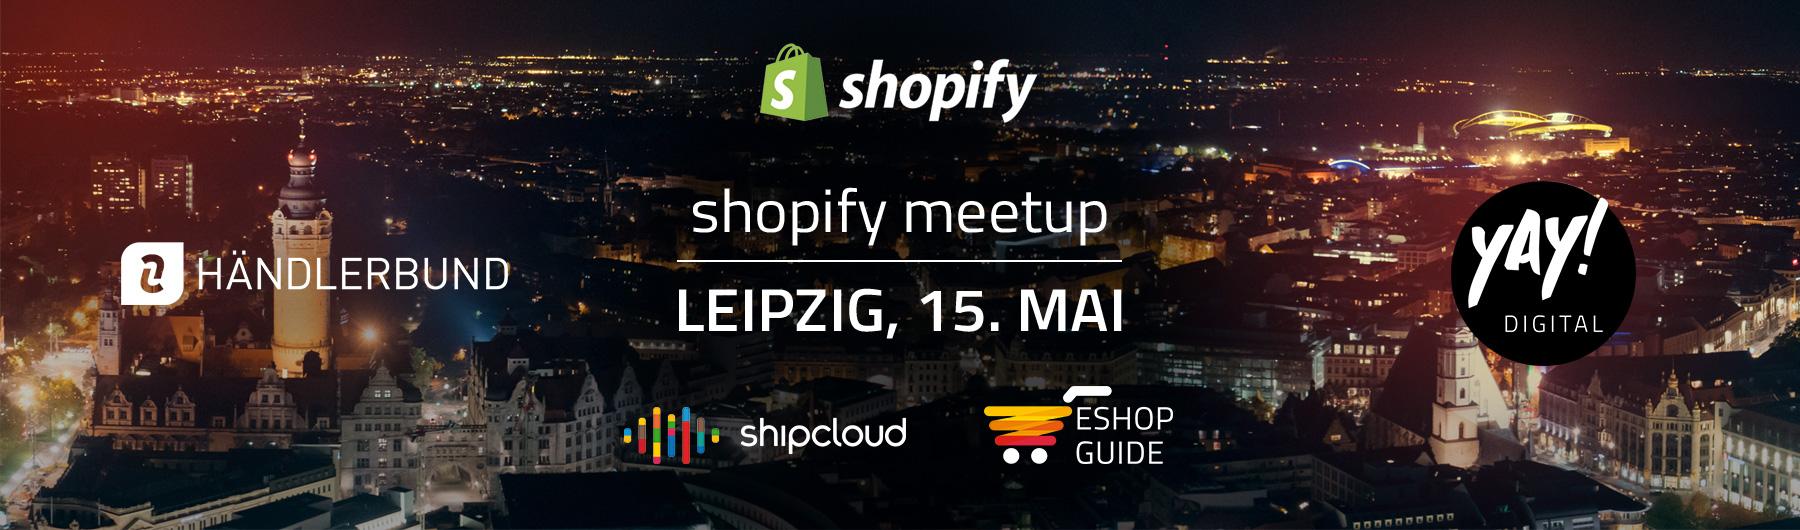 Shopify Meetup Leipzig